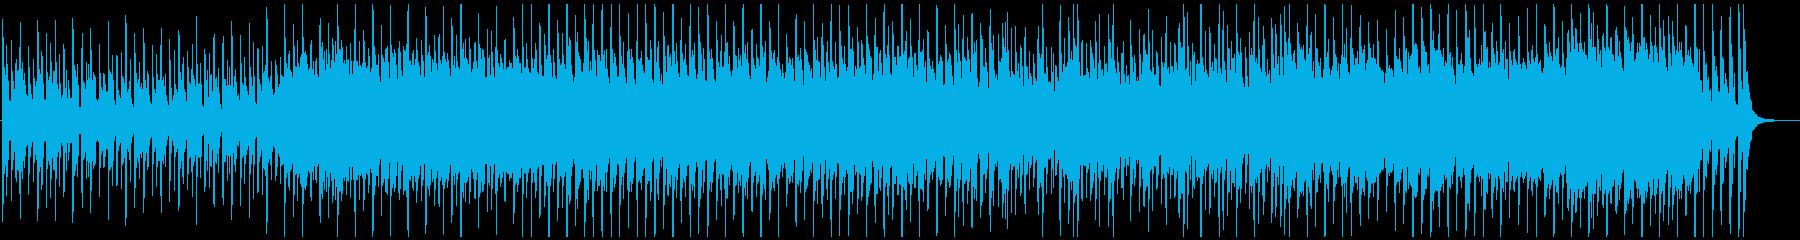 何気ない日常的なシーンに合う曲。の再生済みの波形